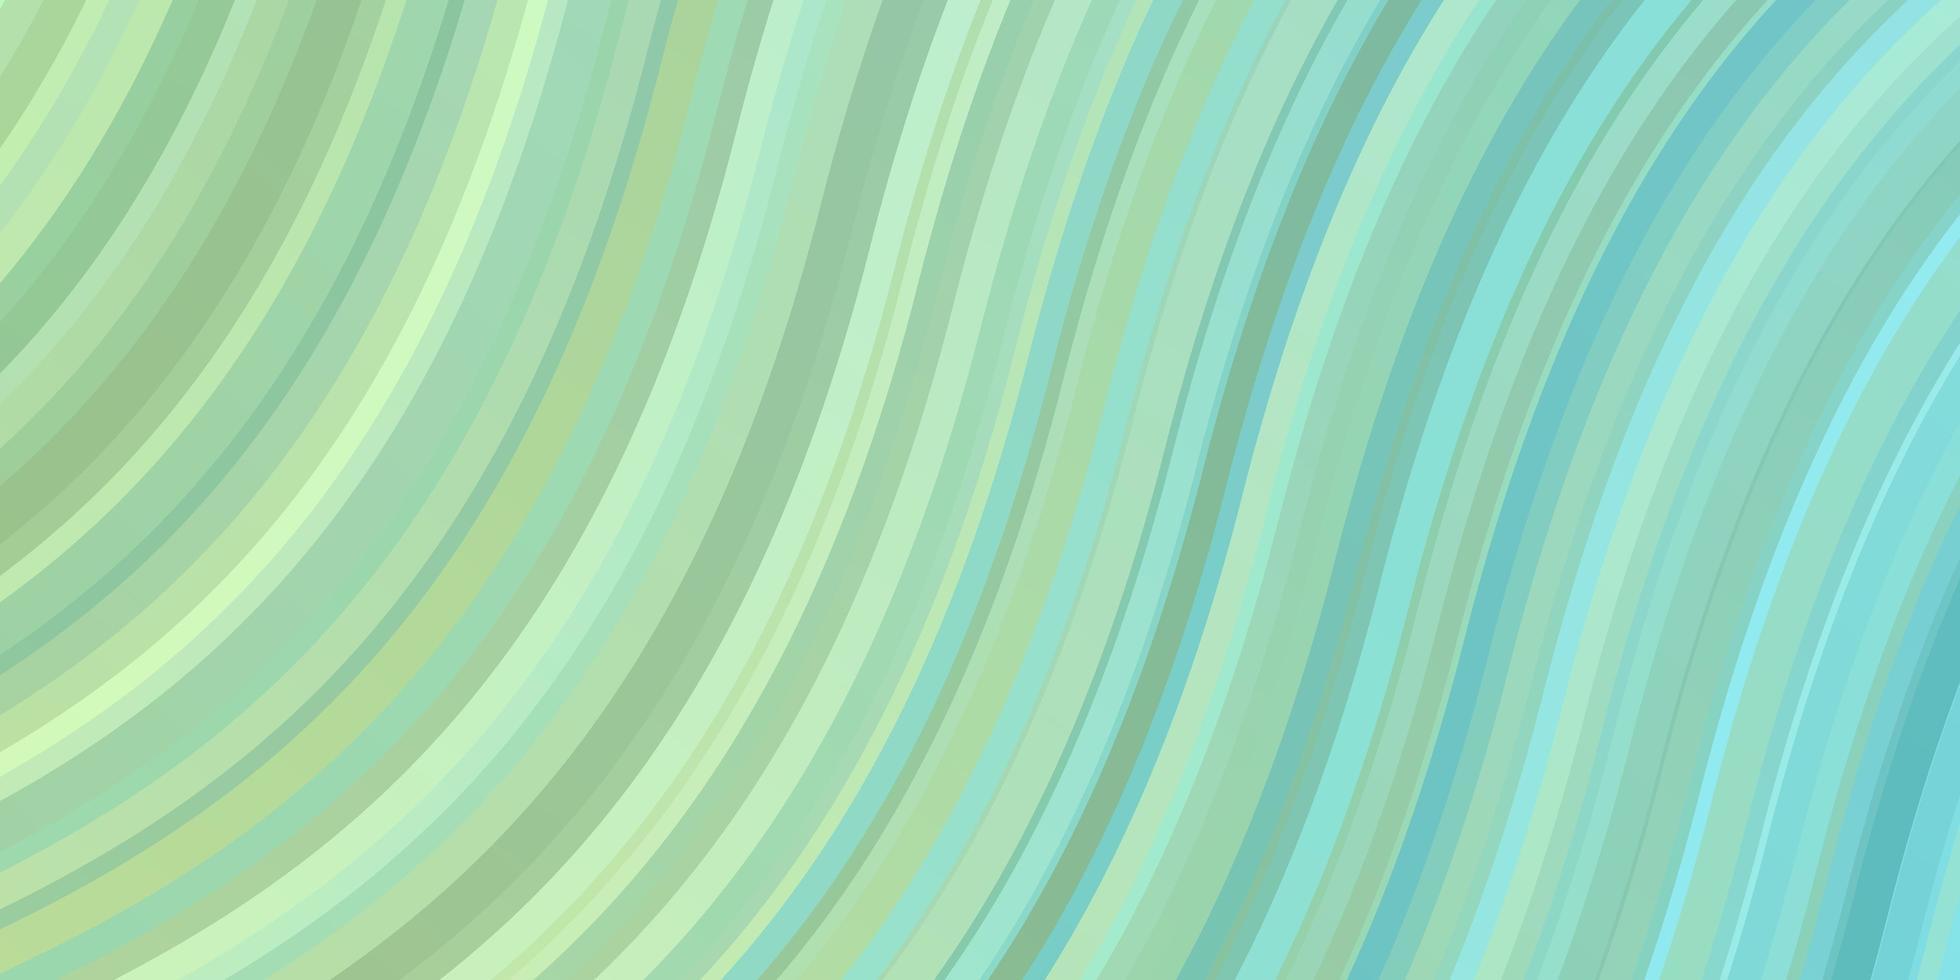 modello vettoriale azzurro, verde con linee.